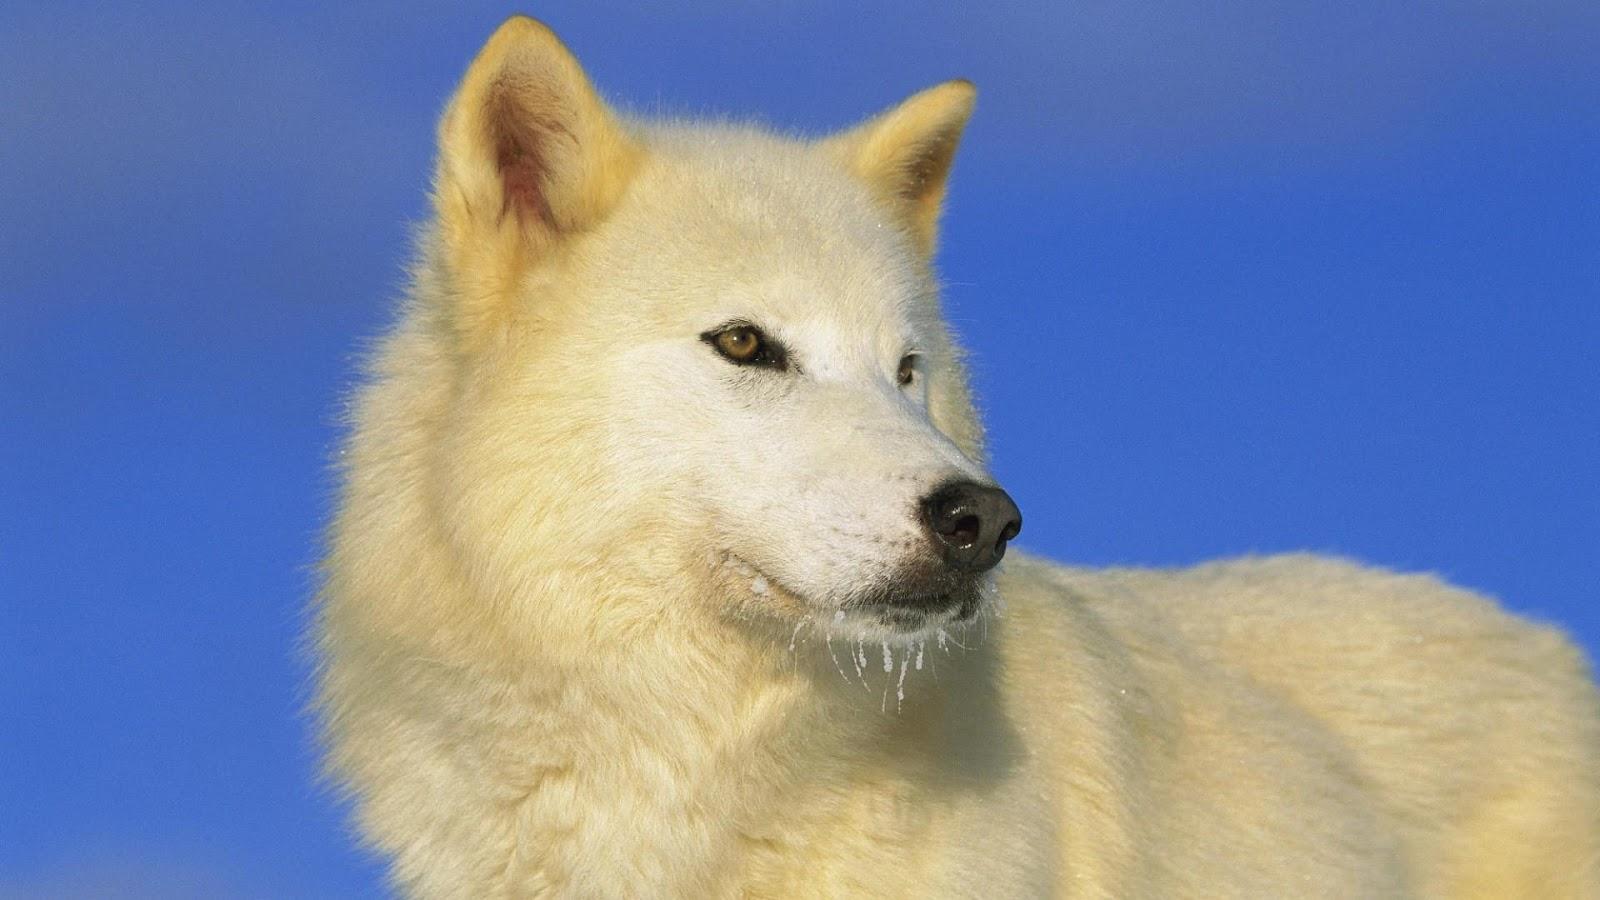 http://3.bp.blogspot.com/-0oxEgCvm1gs/T8cpWeAoBoI/AAAAAAAAaM4/t-_MmEdOyzw/s1600/arctic-wolf-wallpapers-1920x1080.jpg